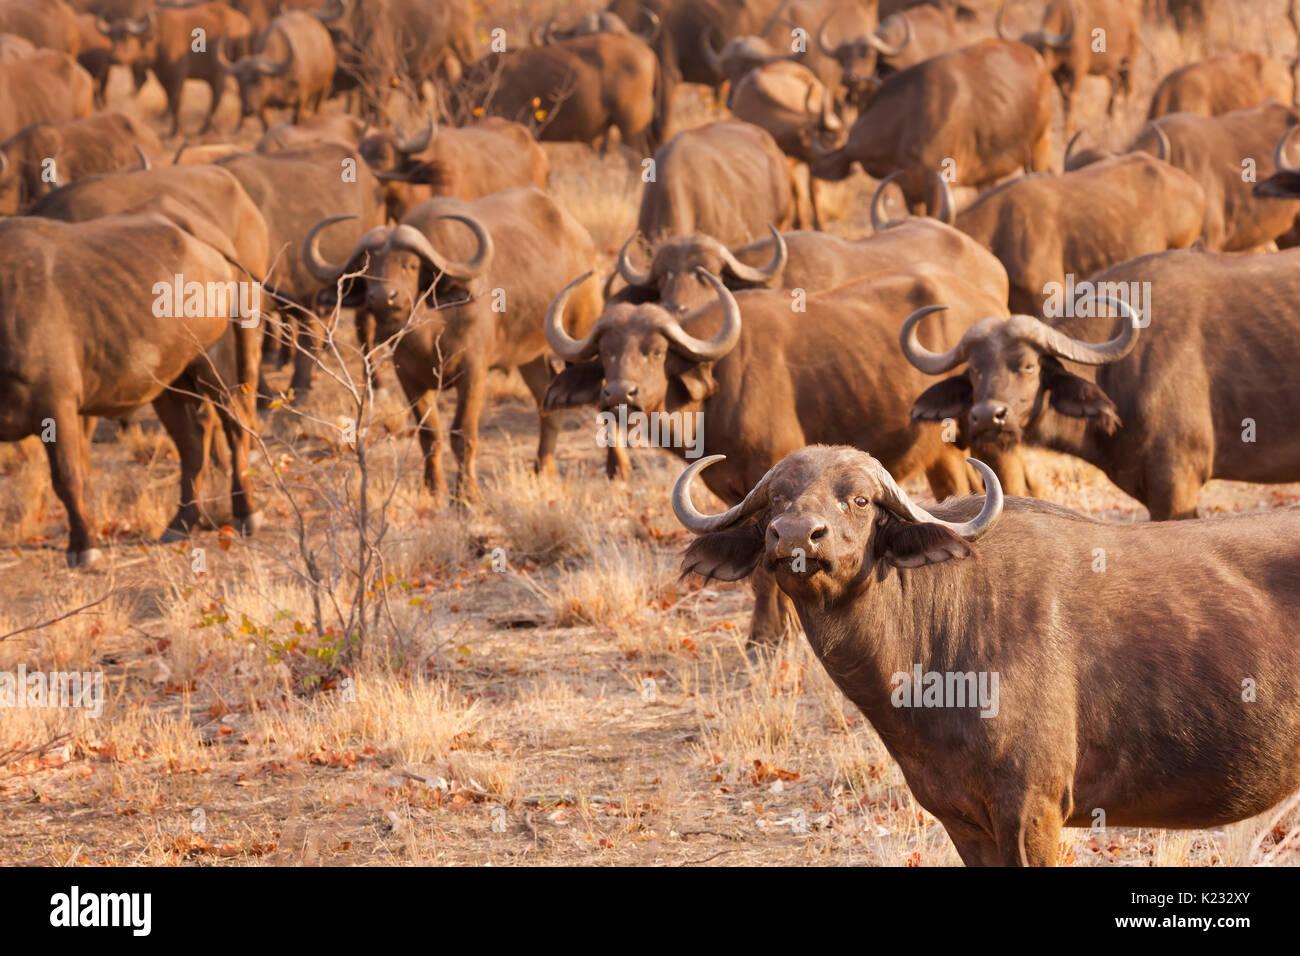 Una mandria di bufali nel Parco Nazionale di Kruger in Sud Africa nei primi giorni di sole del mattino. Immagini Stock